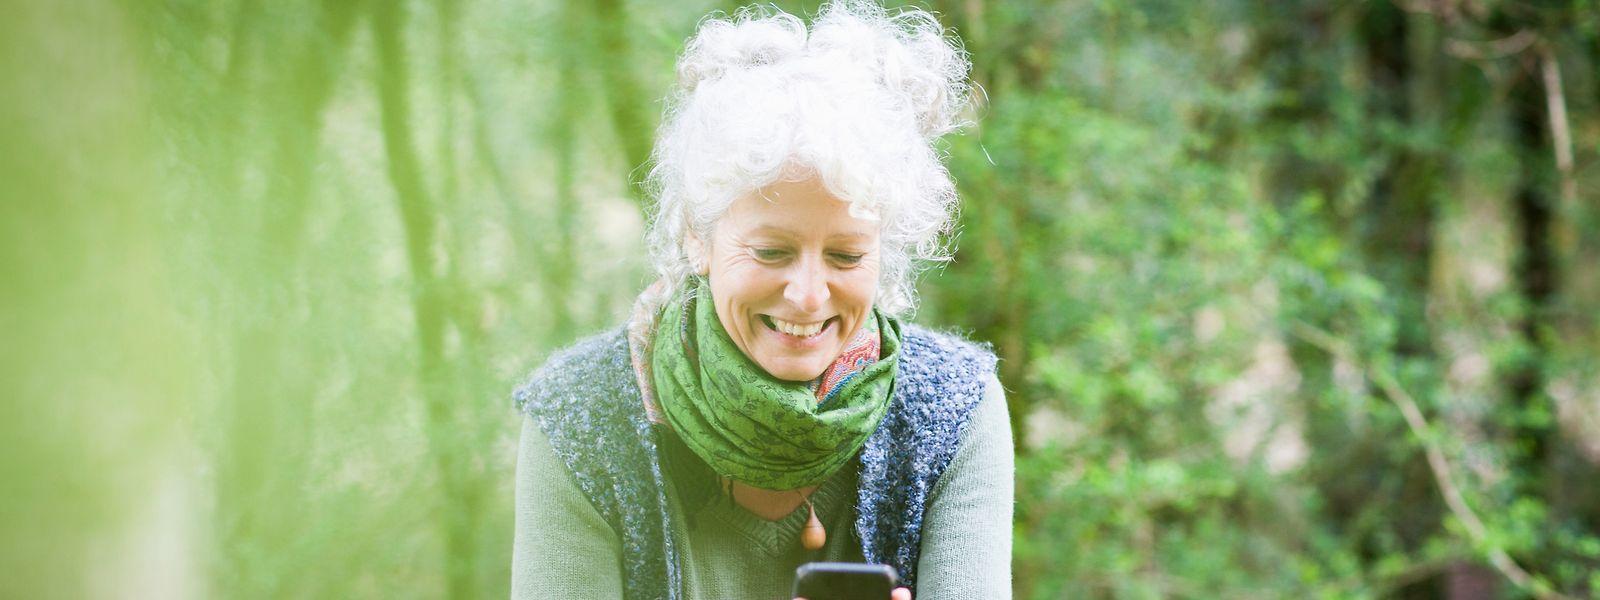 Über Apps kann das Smartphone einem helfen, den Weg aus schwierigen Lebensphasen zu meistern und sein Lächeln wiederzufinden.